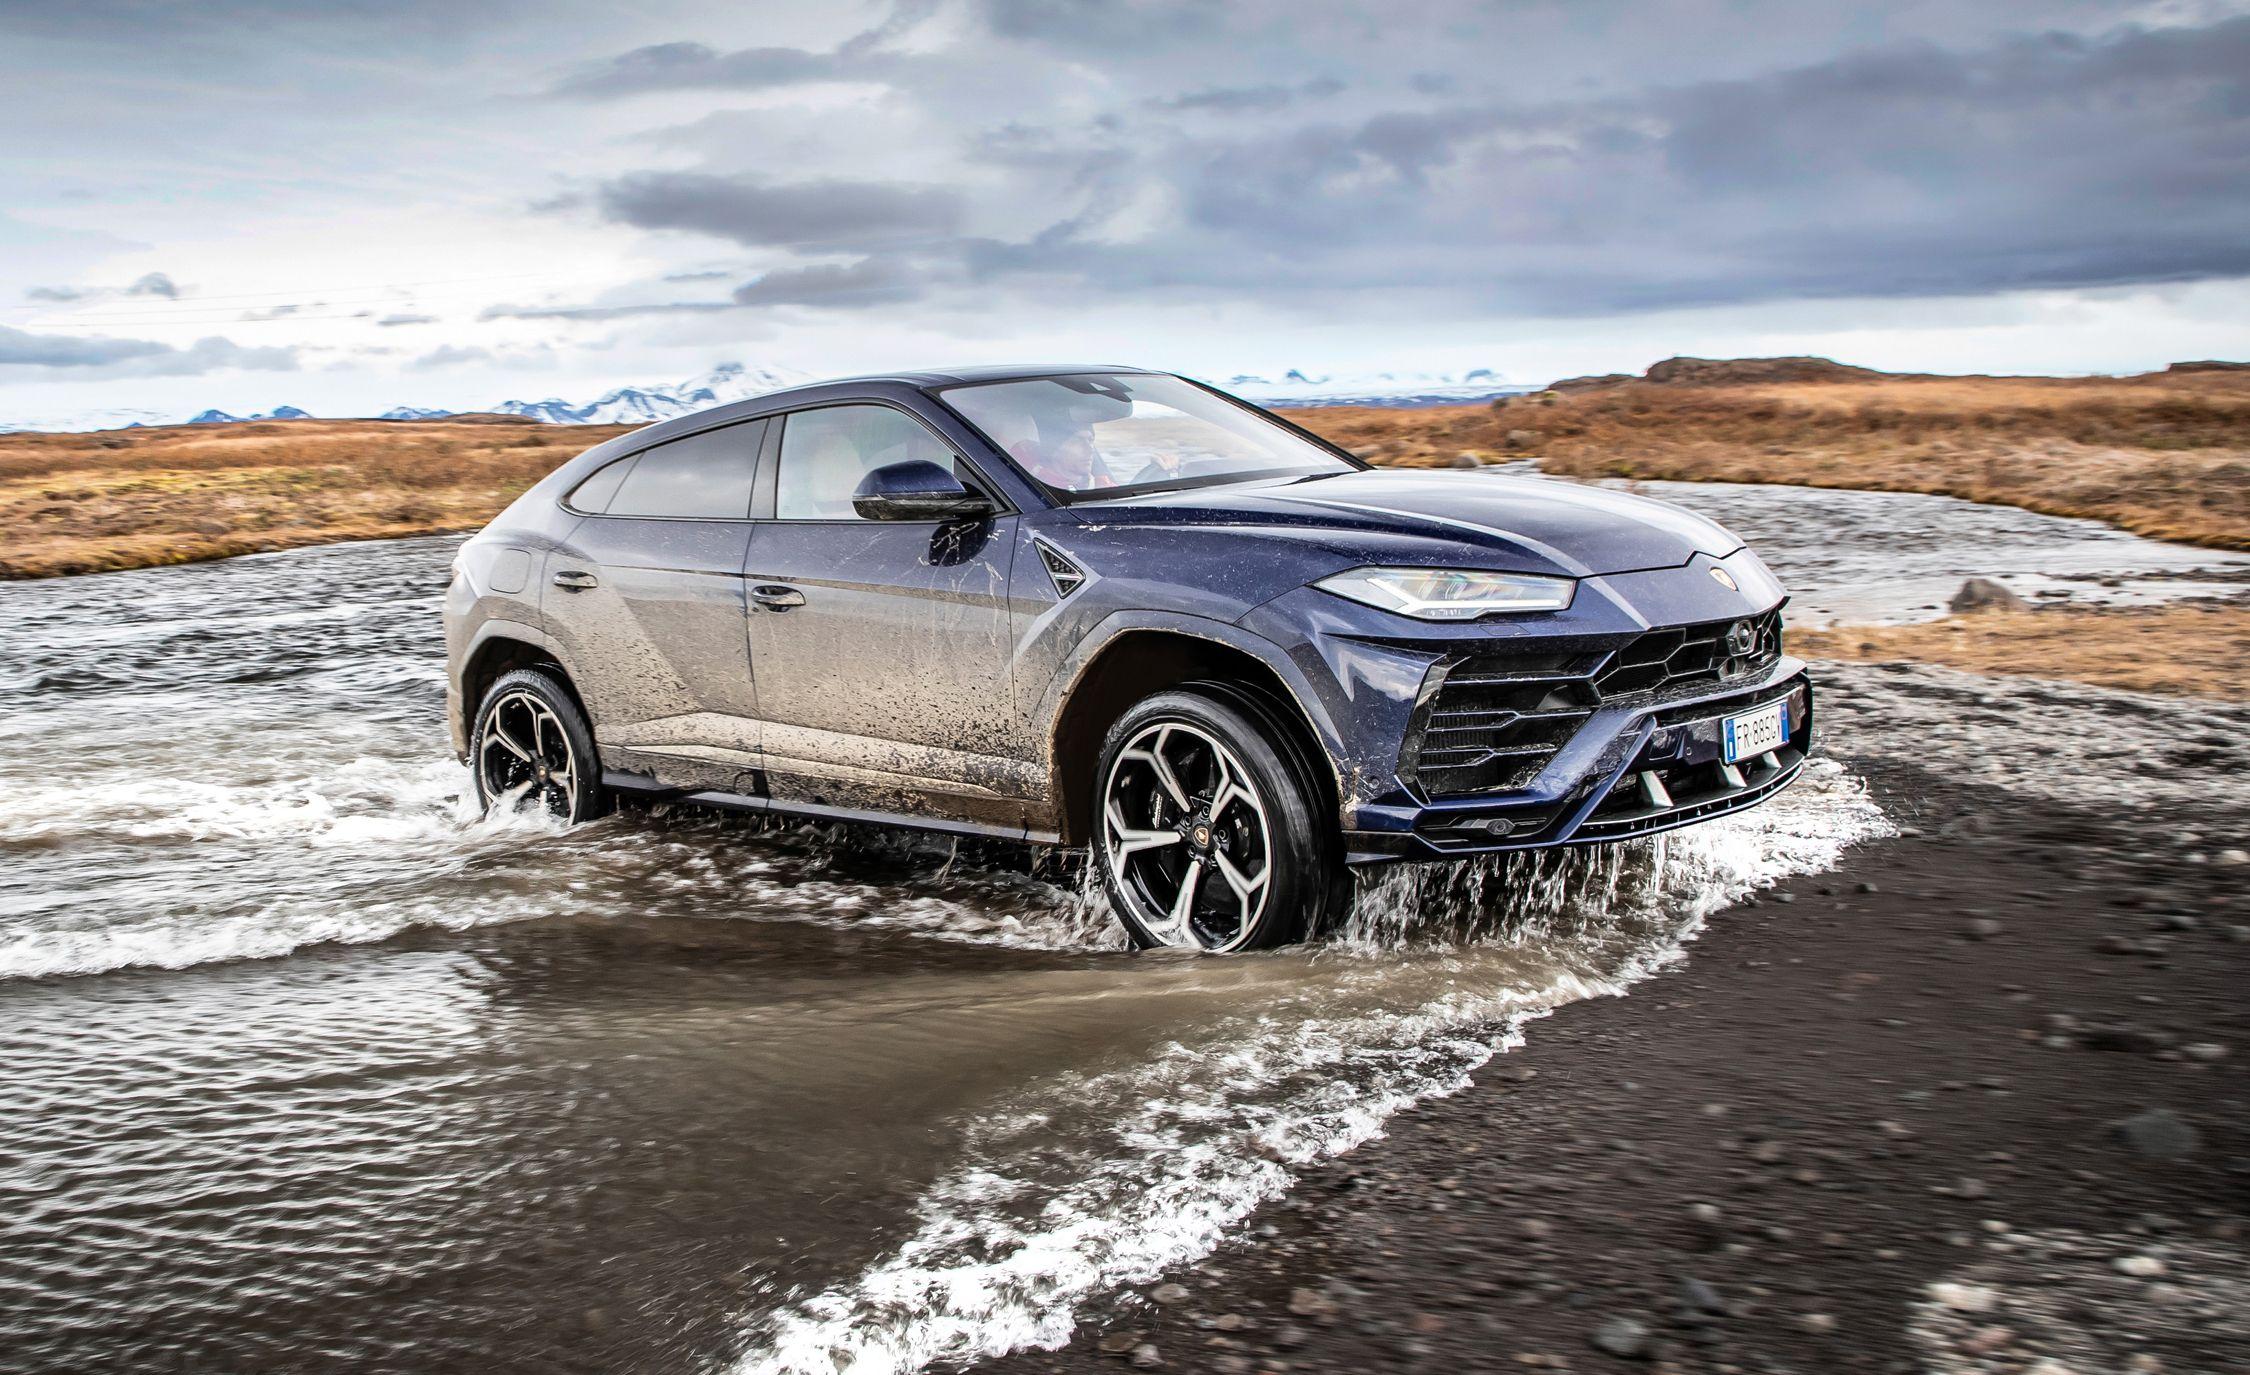 2019 Lamborghini Urus Review, Pricing, and Specs